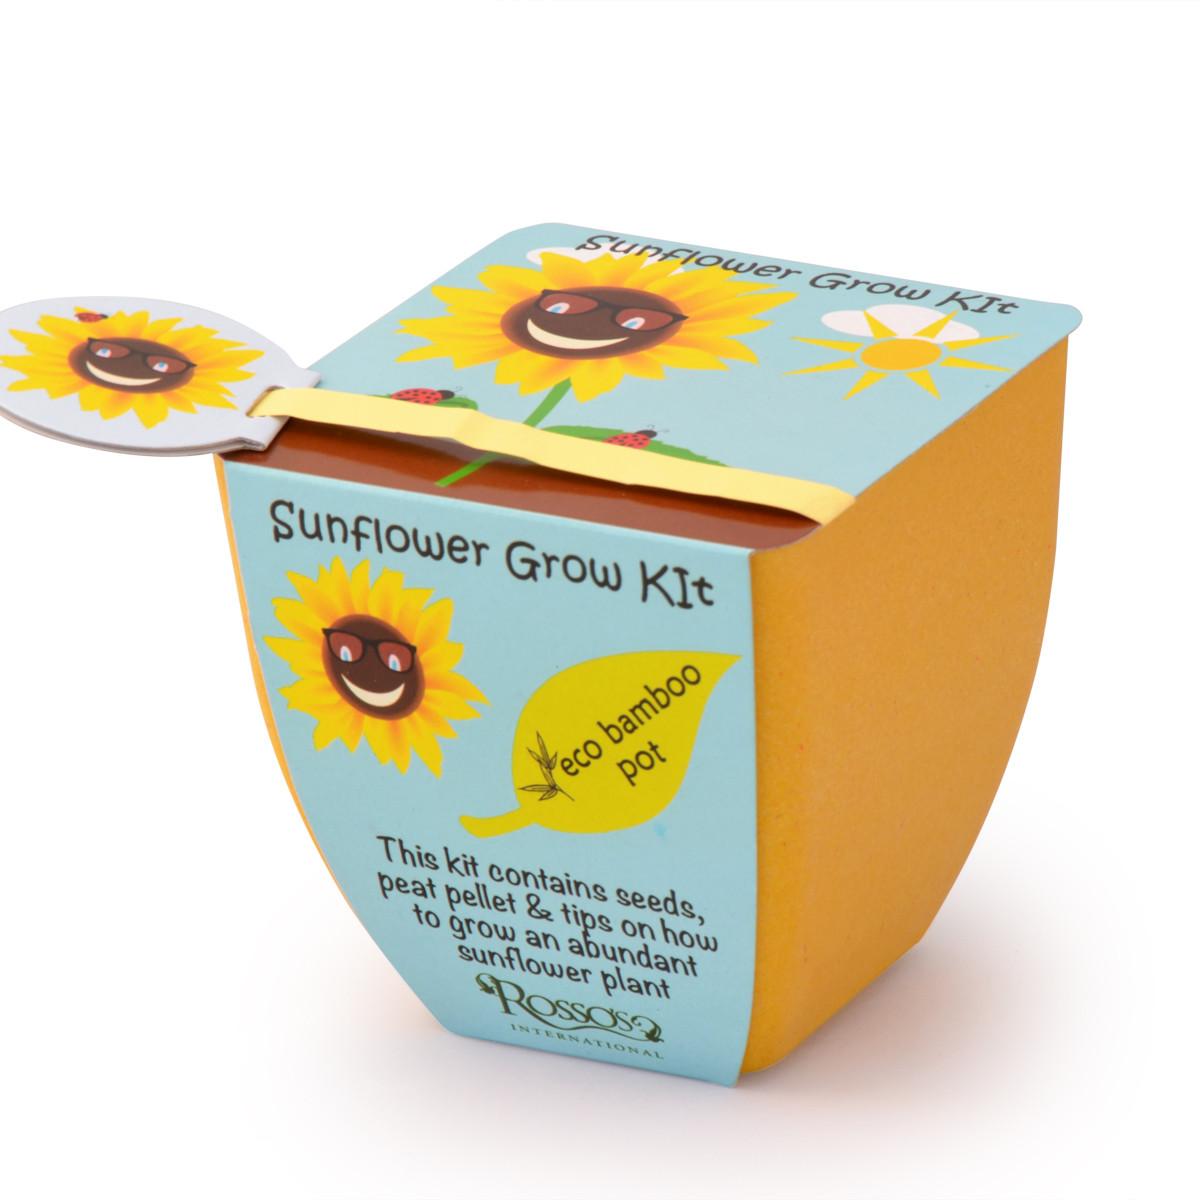 Rosso 39 s sunflower grow kit children 39 s kit for Gardening kit for toddlers